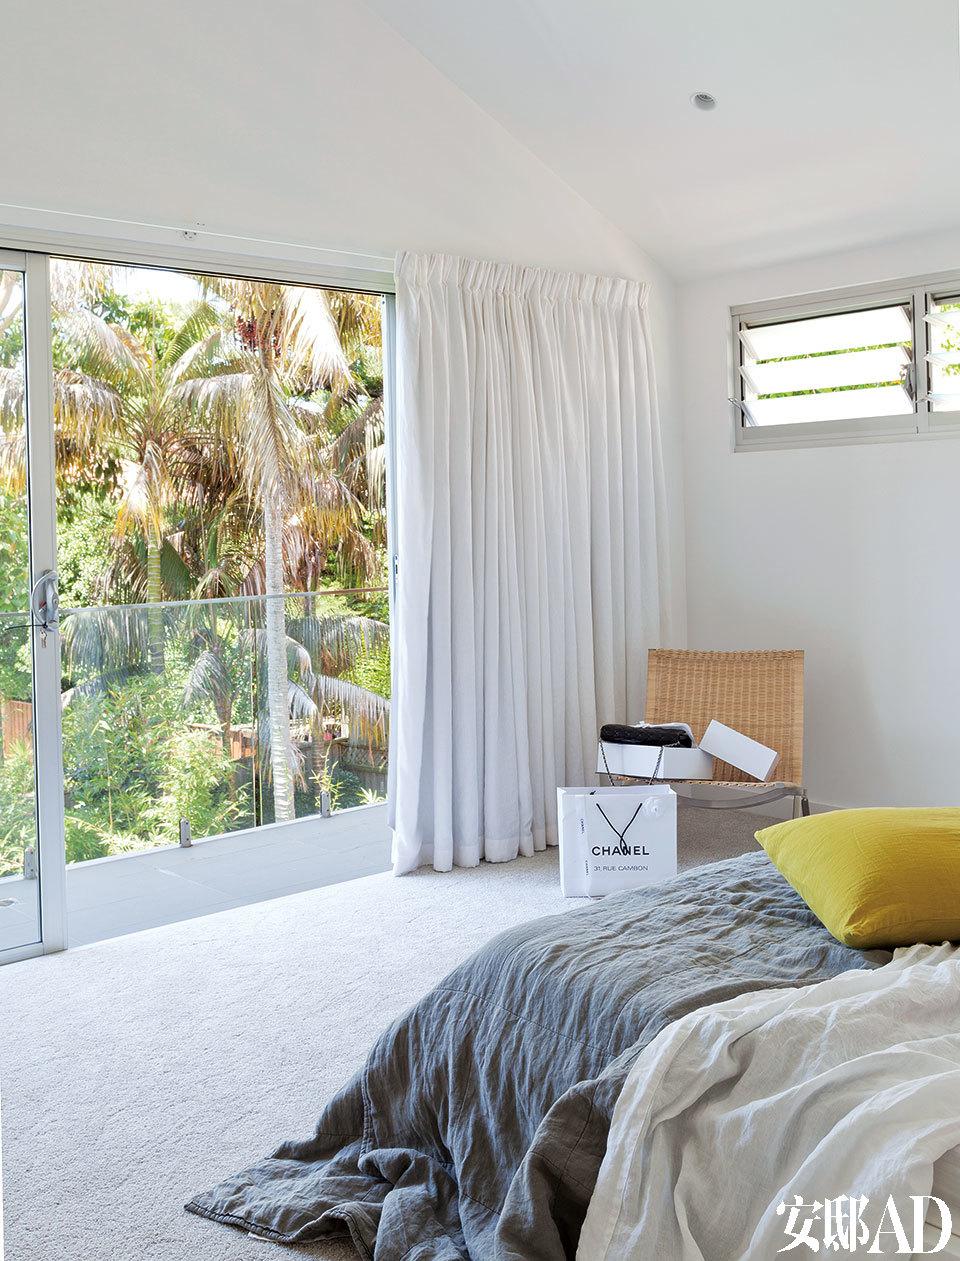 """宽大的卧室有推拉玻璃门直通户外,躺在床上就可以看尽花园美景。主卧位于二楼,藤编座椅来自PK22,窗帘是定制的白色亚麻窗帘,床上用品来自Ondene,柠檬黄靠垫购于巴黎梅西百货,地毯来自Harvey Norman,名为""""初雪""""。"""